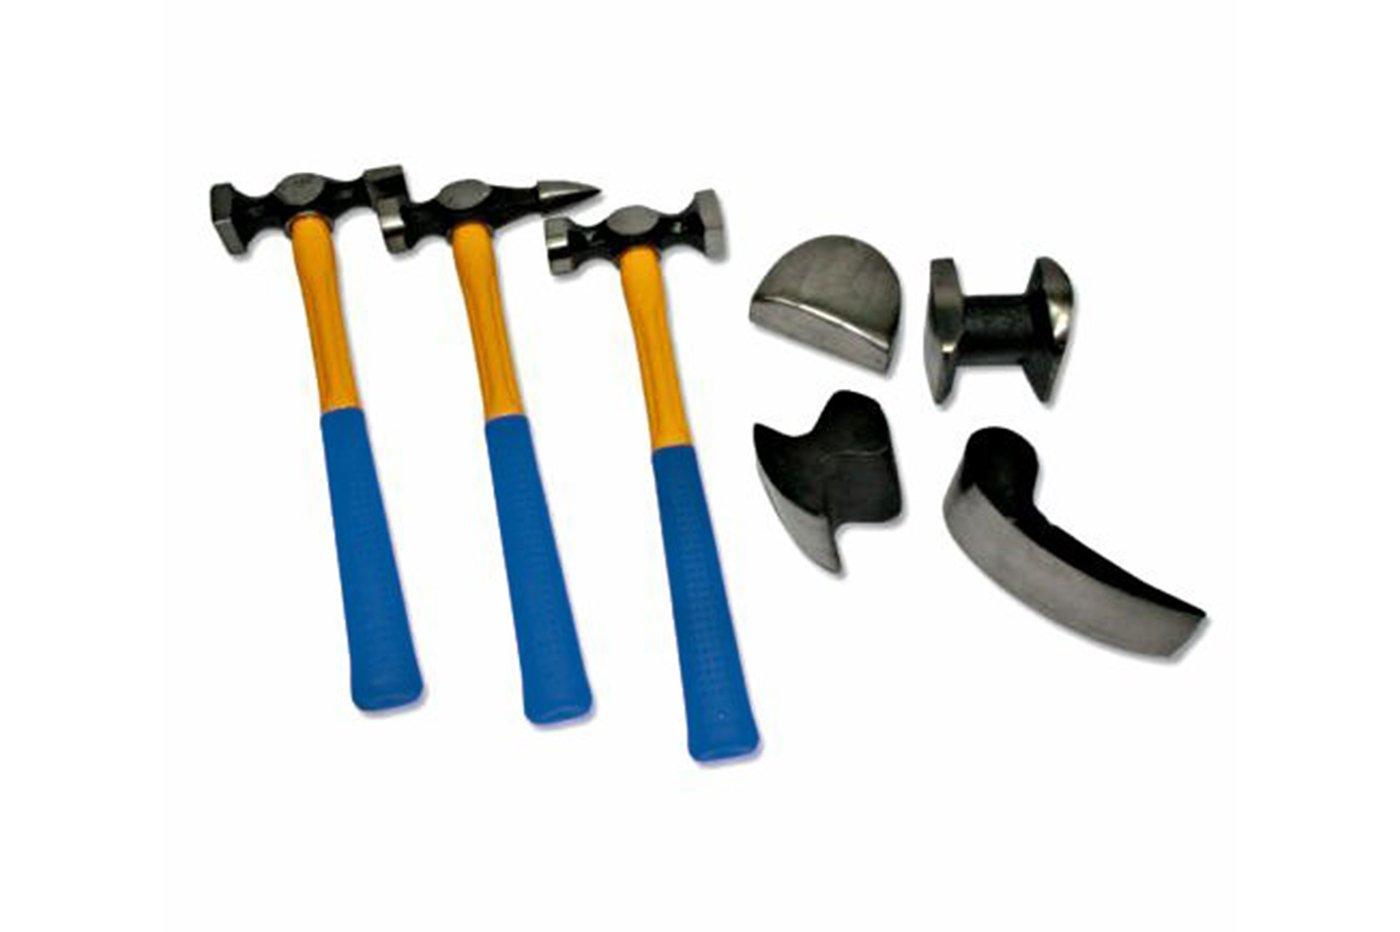 7 piezas Malet/ín de herramientas para reparaci/ón de carrocer/ía con martillos y tases